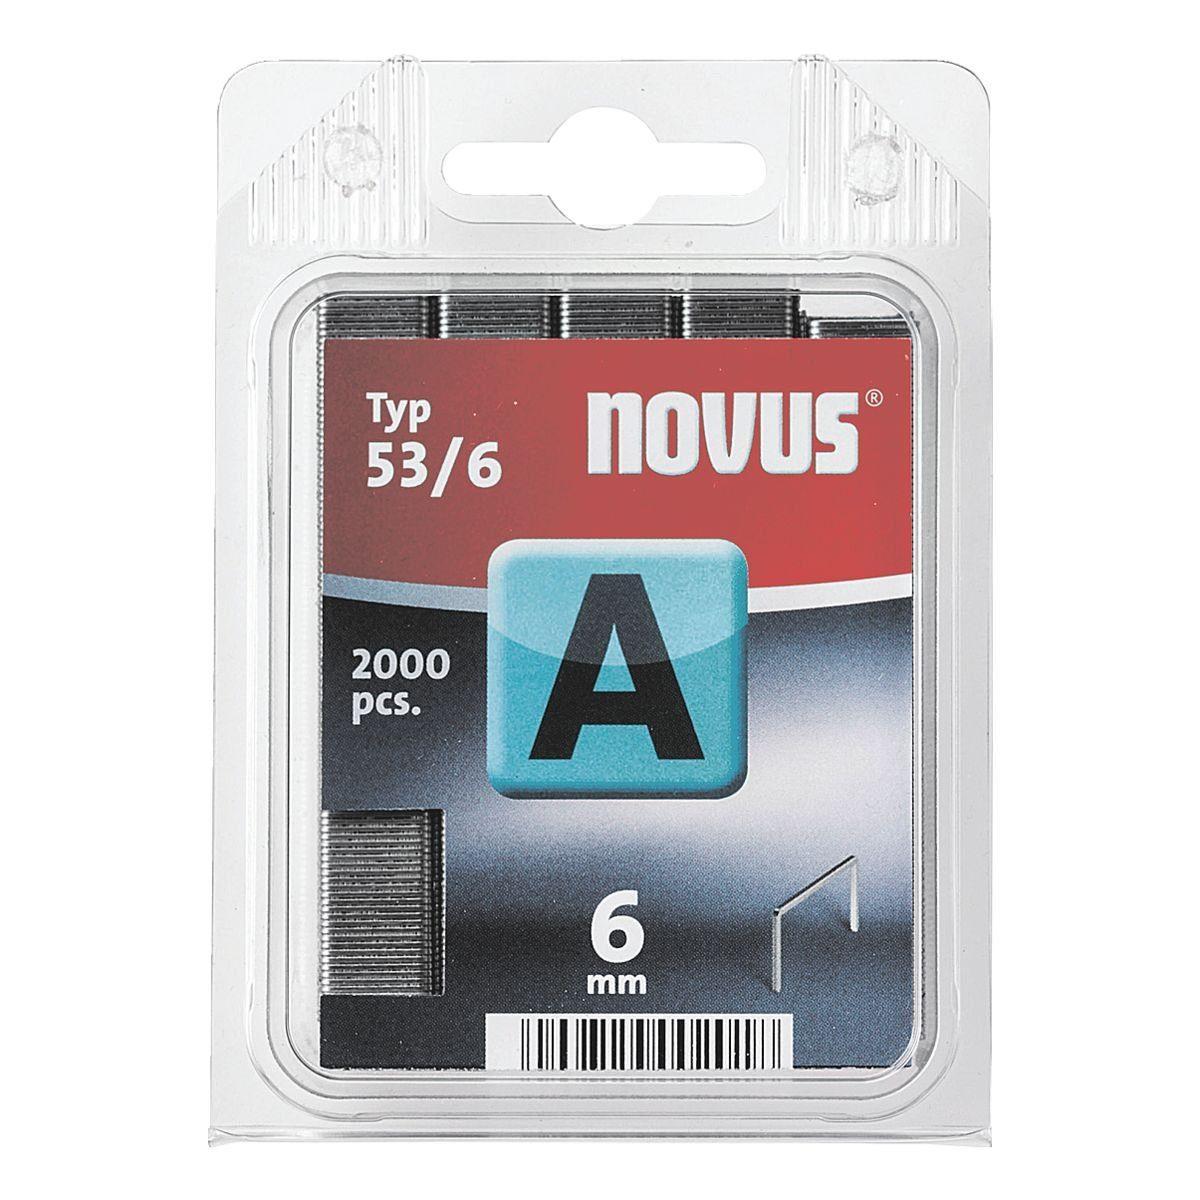 NOVUS Feindrahtklammern »HK53/6VZ«